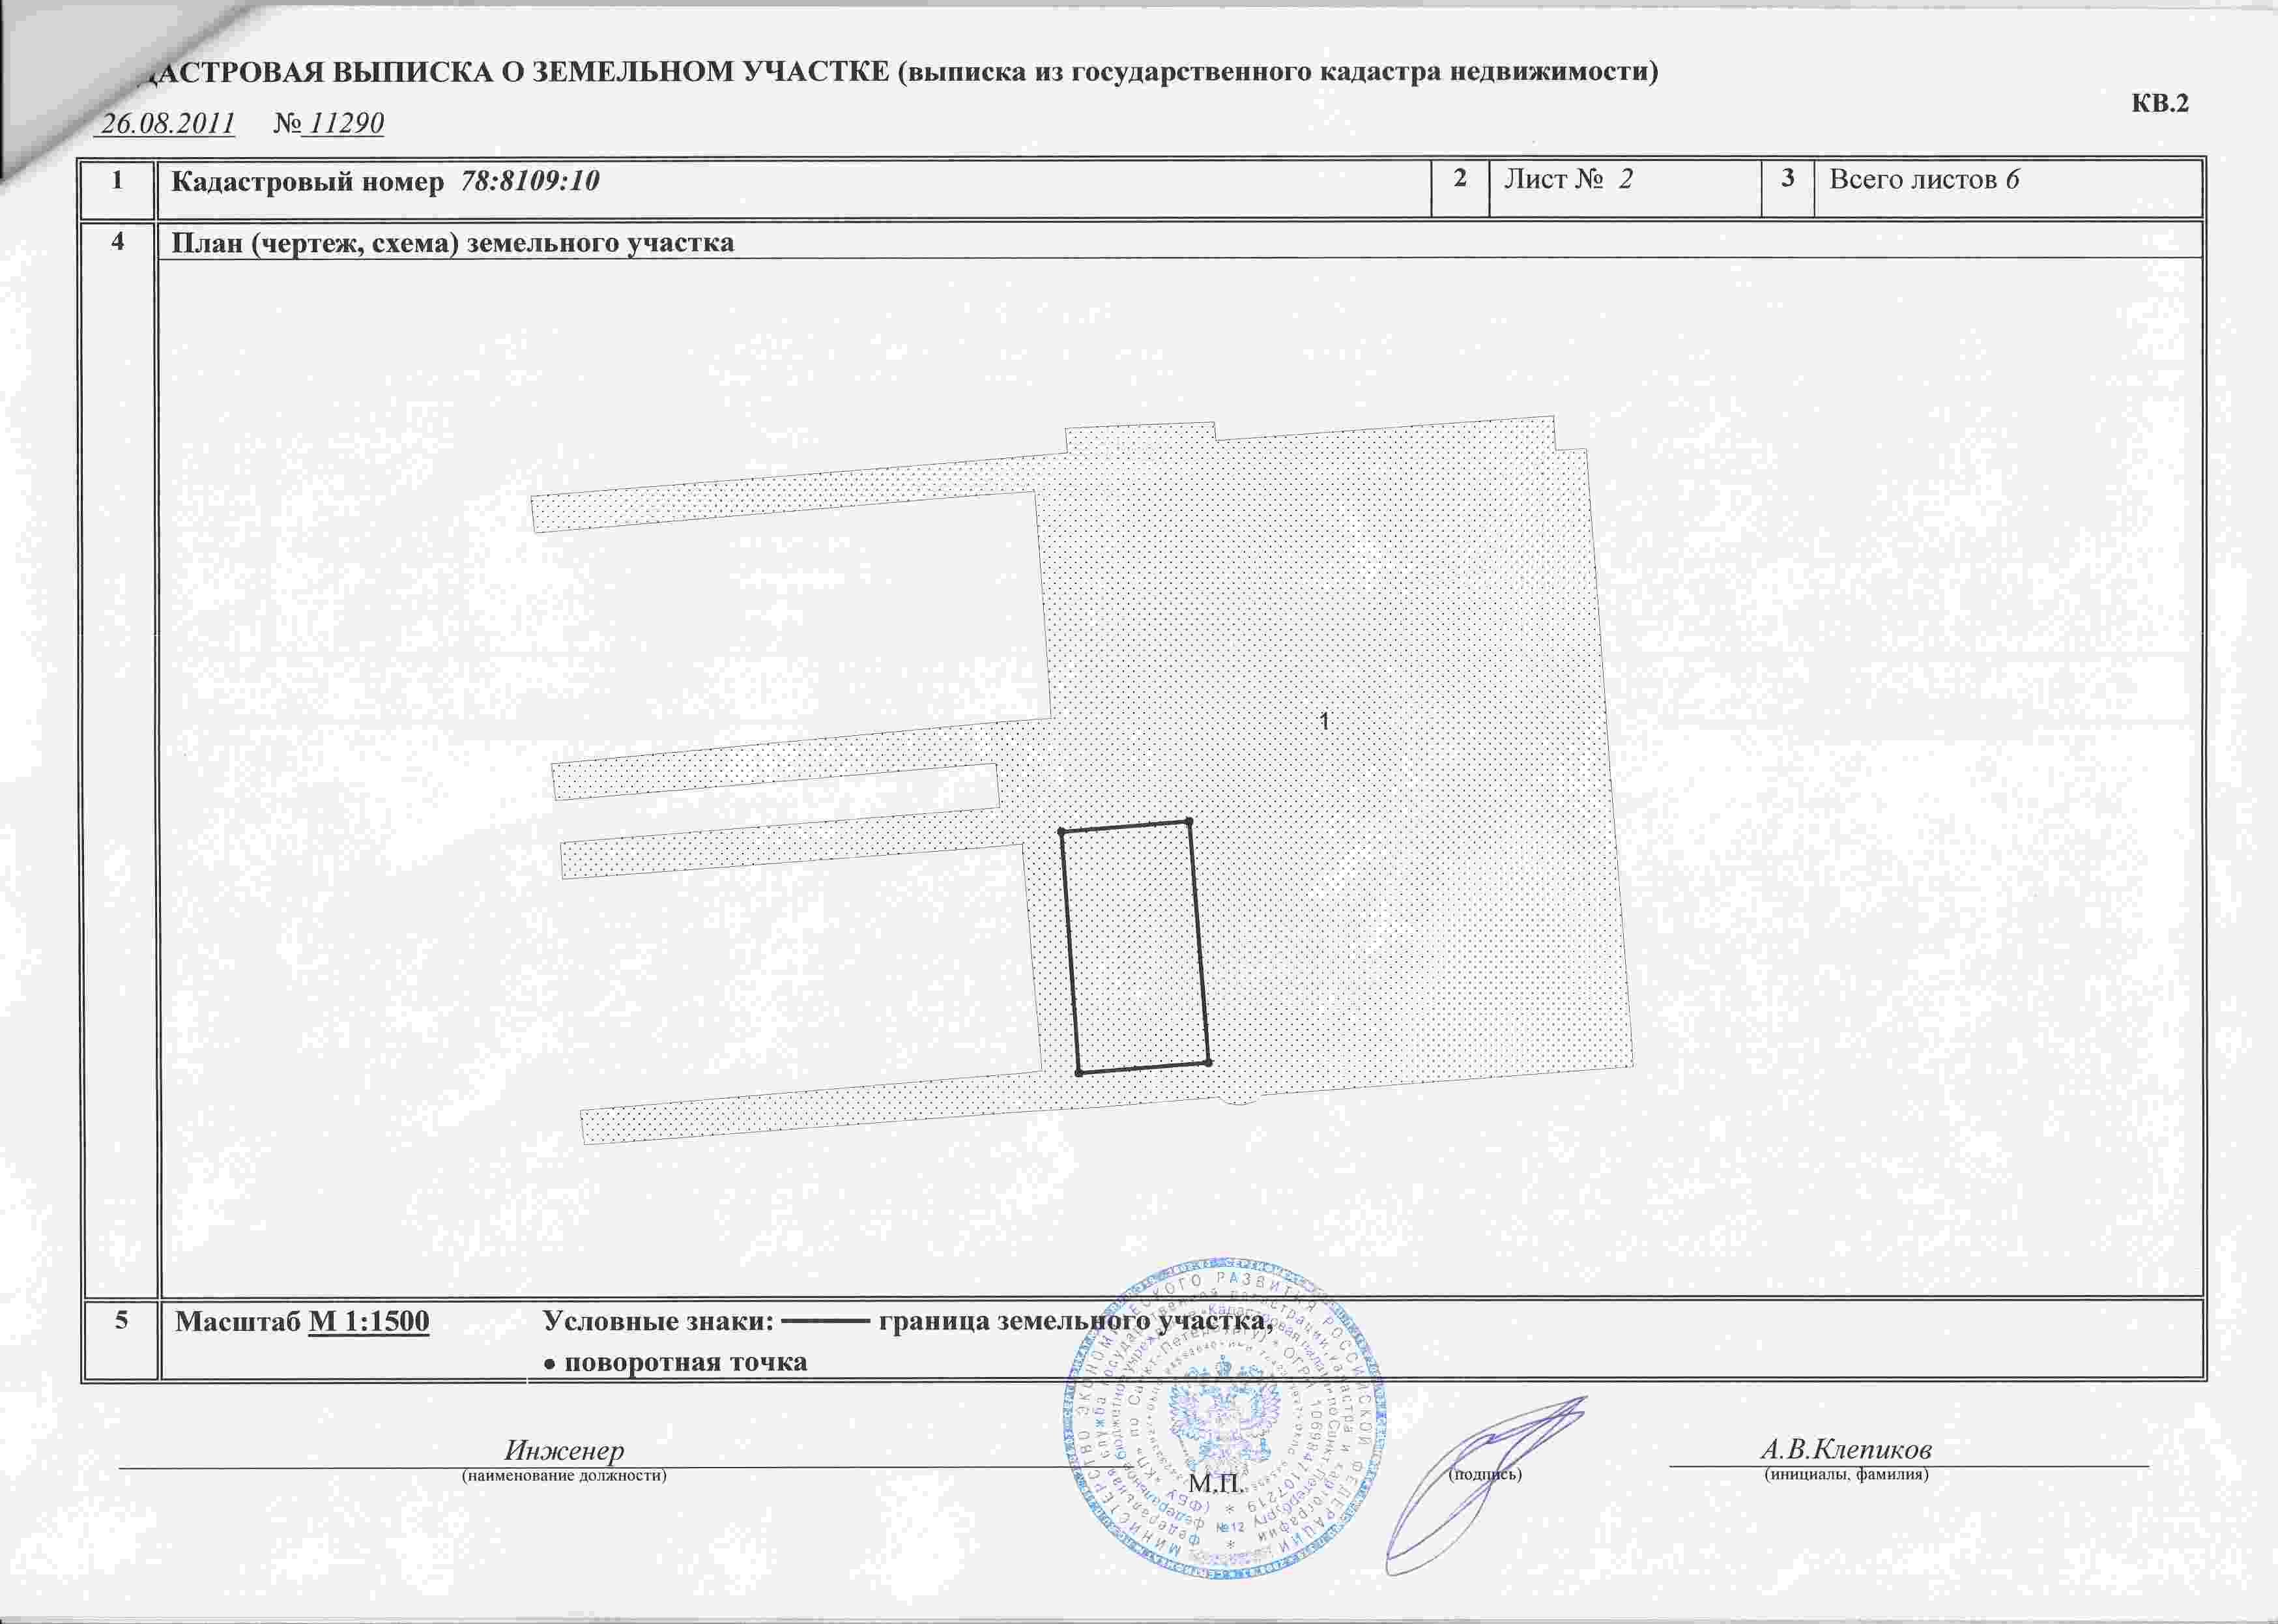 земельный участок не поставлен на кадастровый учет